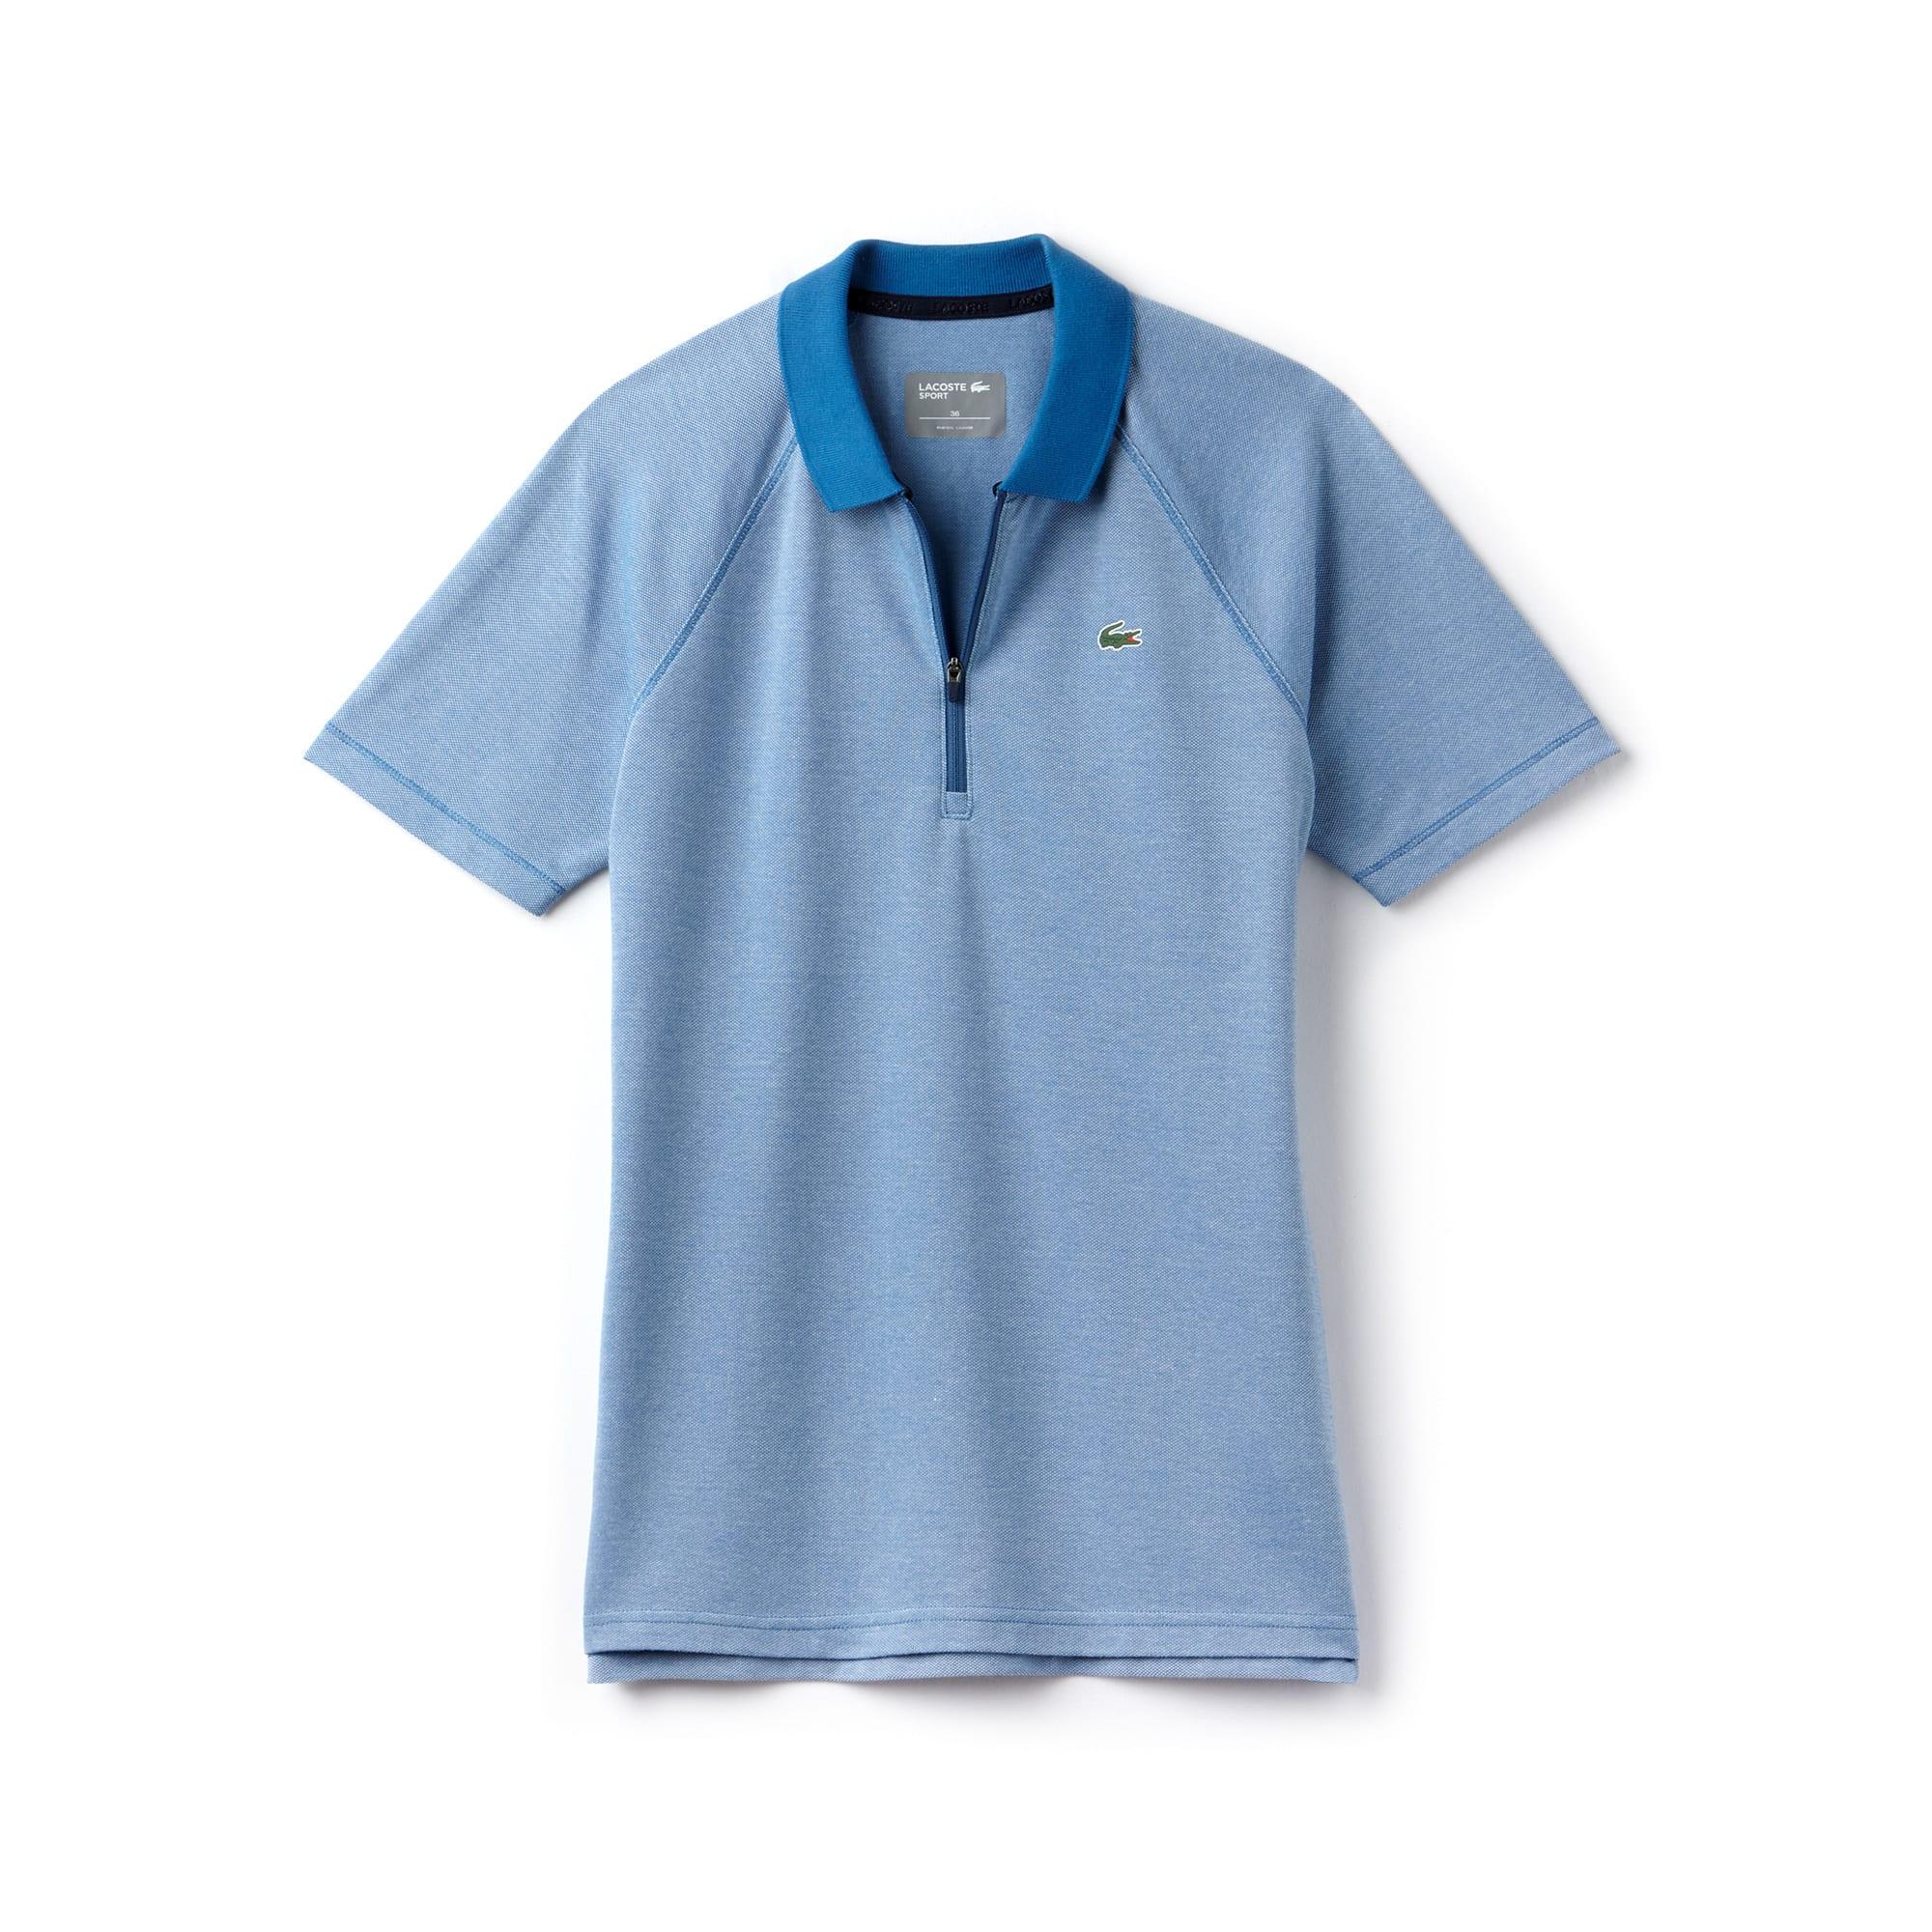 Women's Lacoste SPORT Zip Neck Technical Jersey Golf Polo Shirt